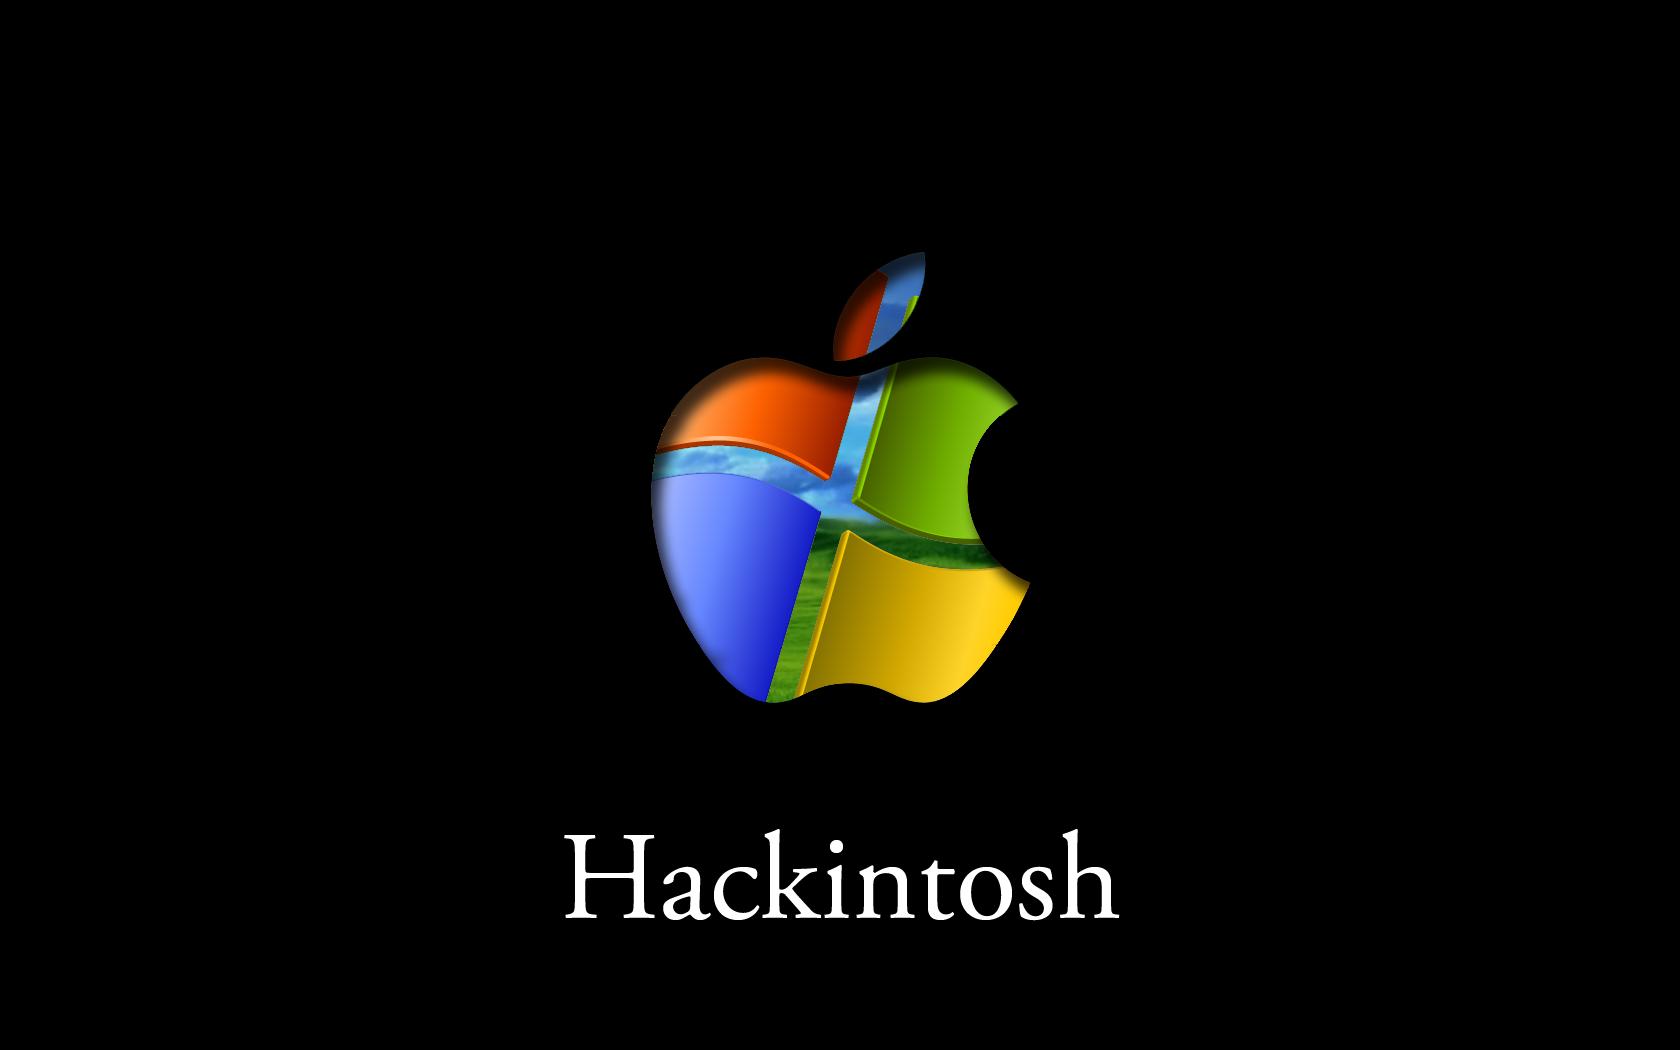 OS X auf dem PC installieren: Hackintosh machts möglich